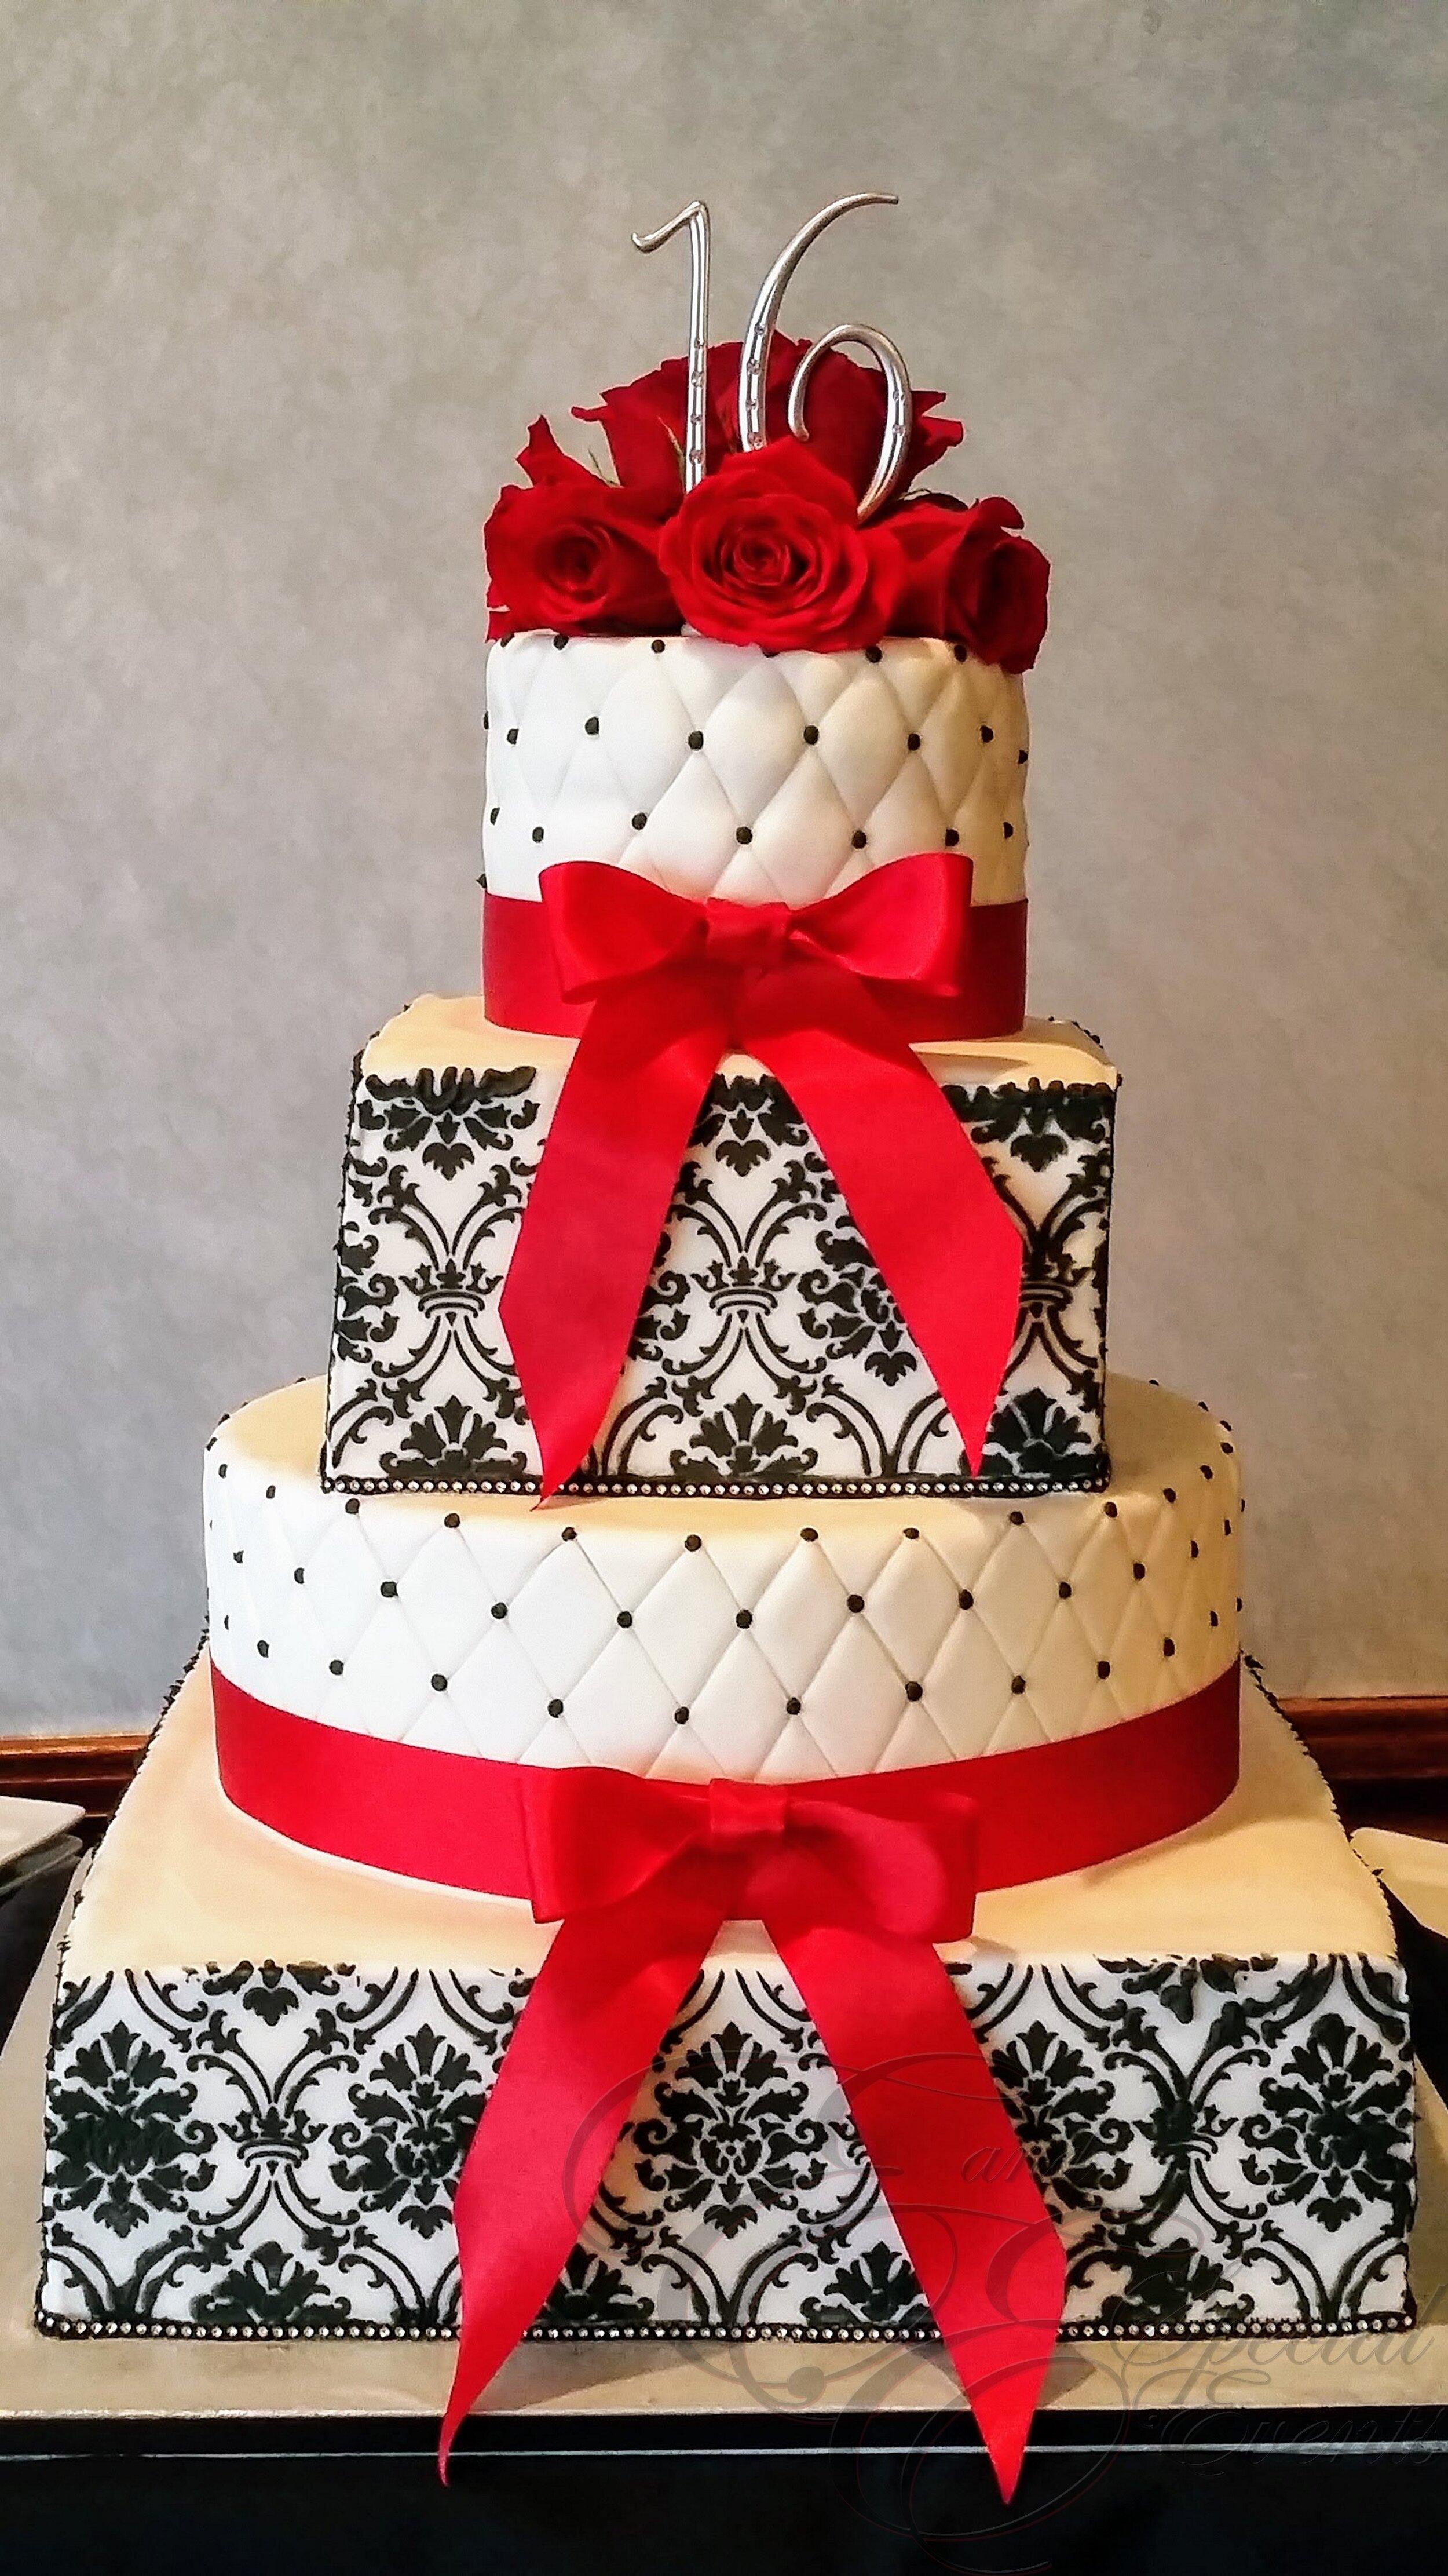 wedding_cakes_E_and_E_Special_Events_virginia_beach_29.jpg